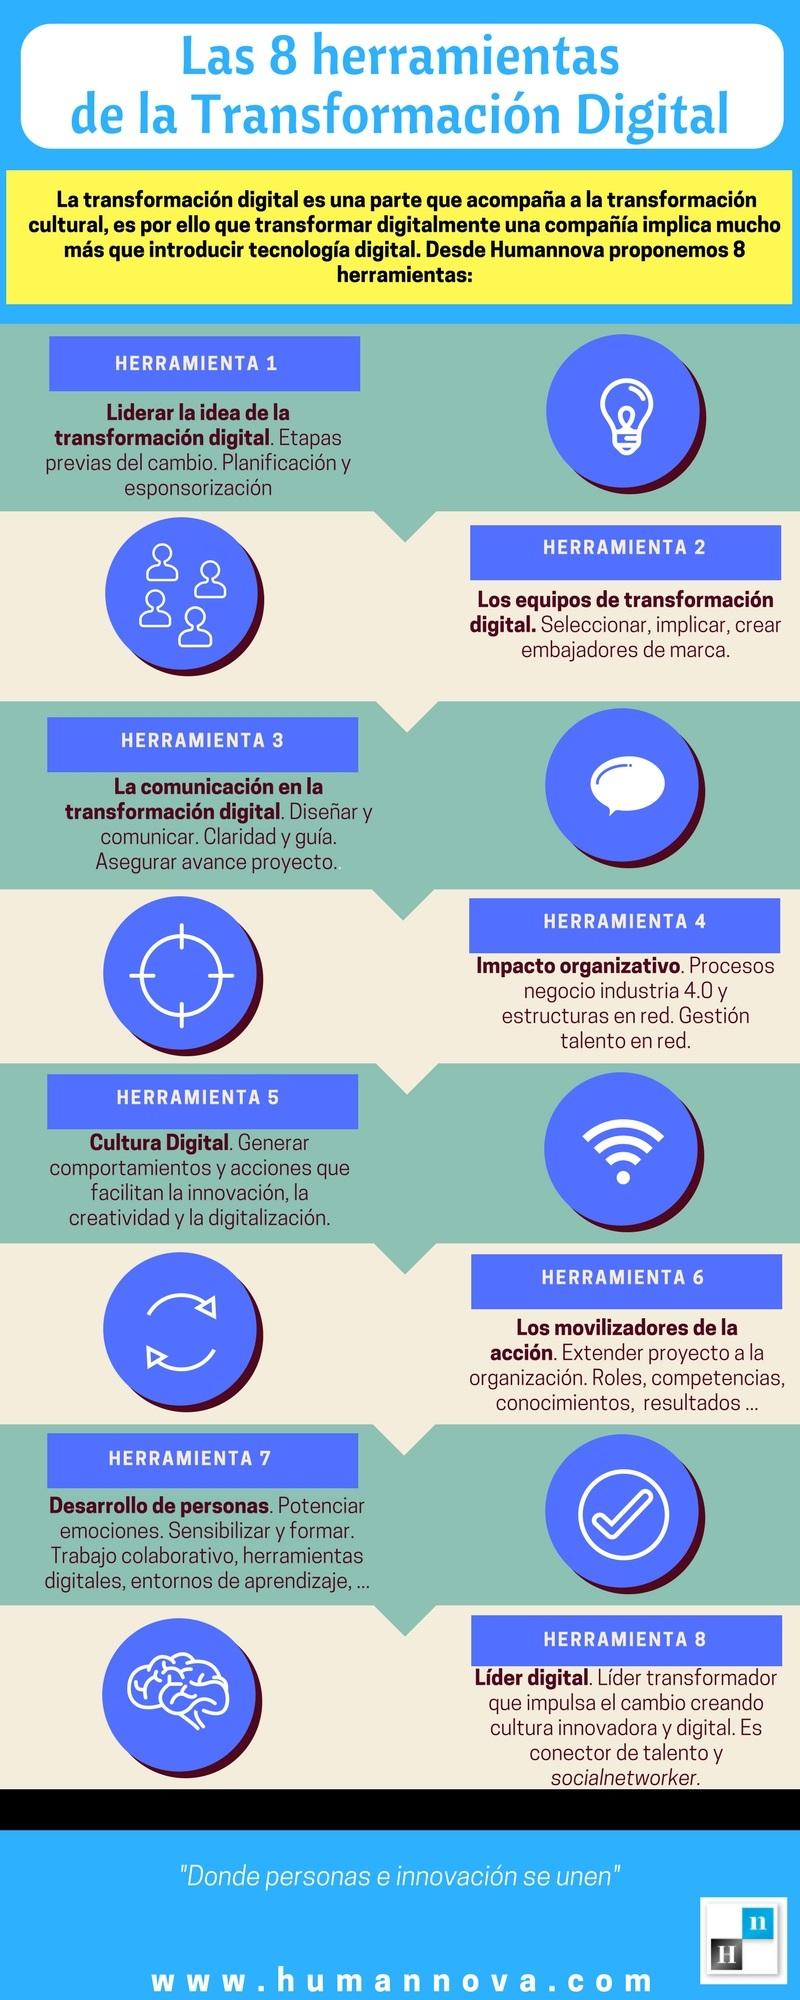 8 herramientas de la Transformación Digital